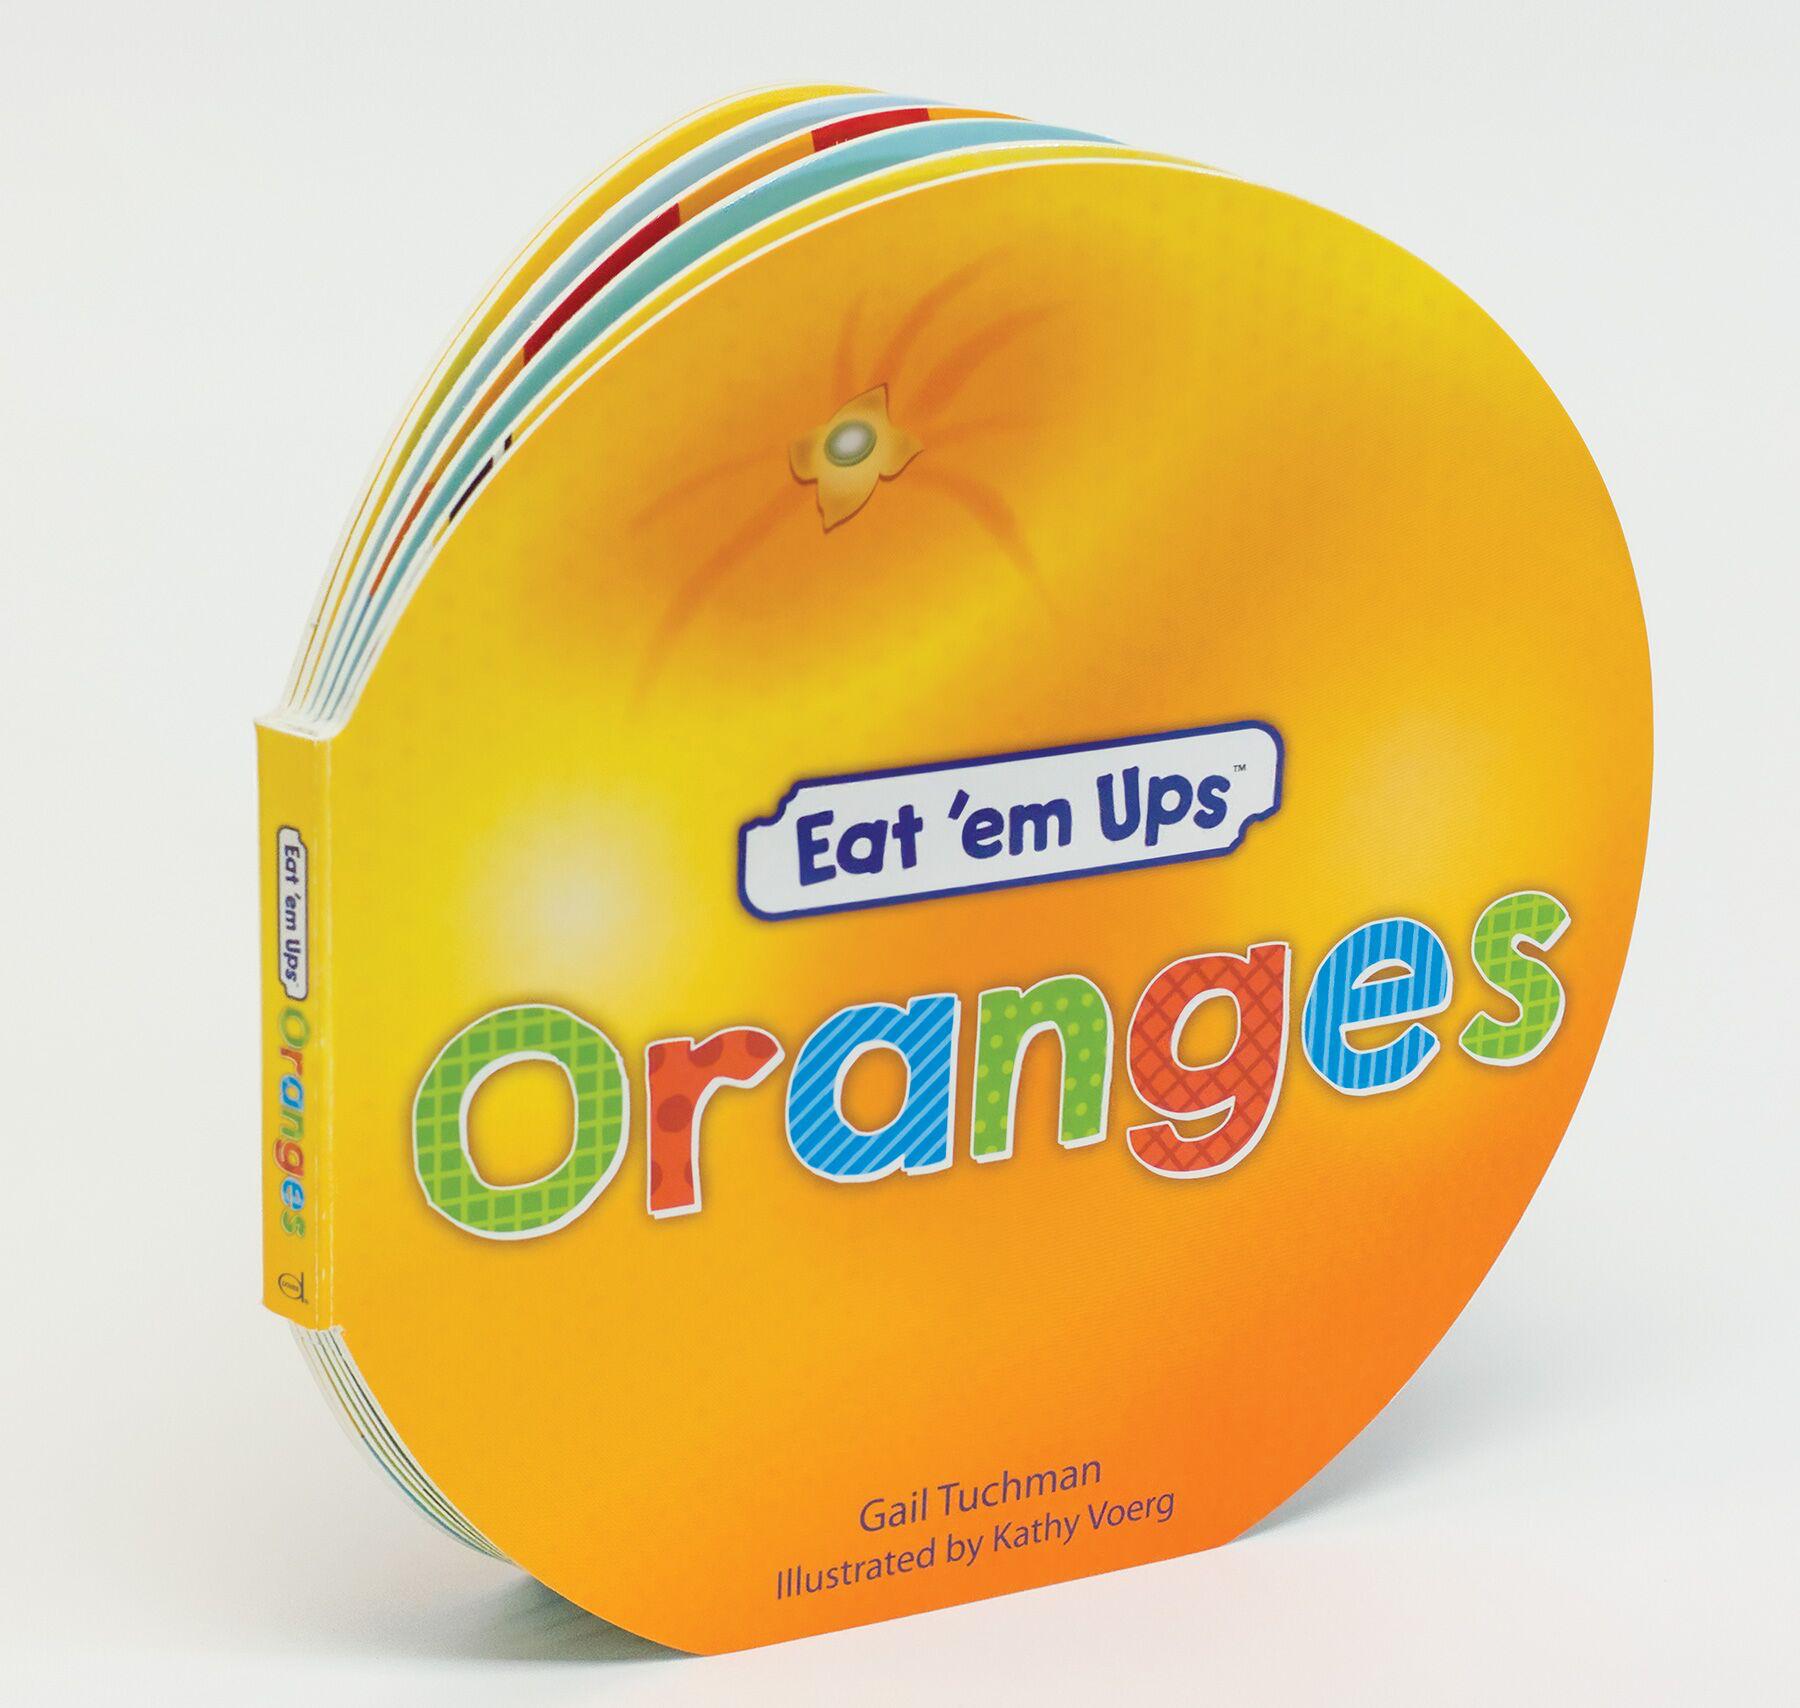 Dover - 0486825094 - Eat 'em Ups™ Oranges